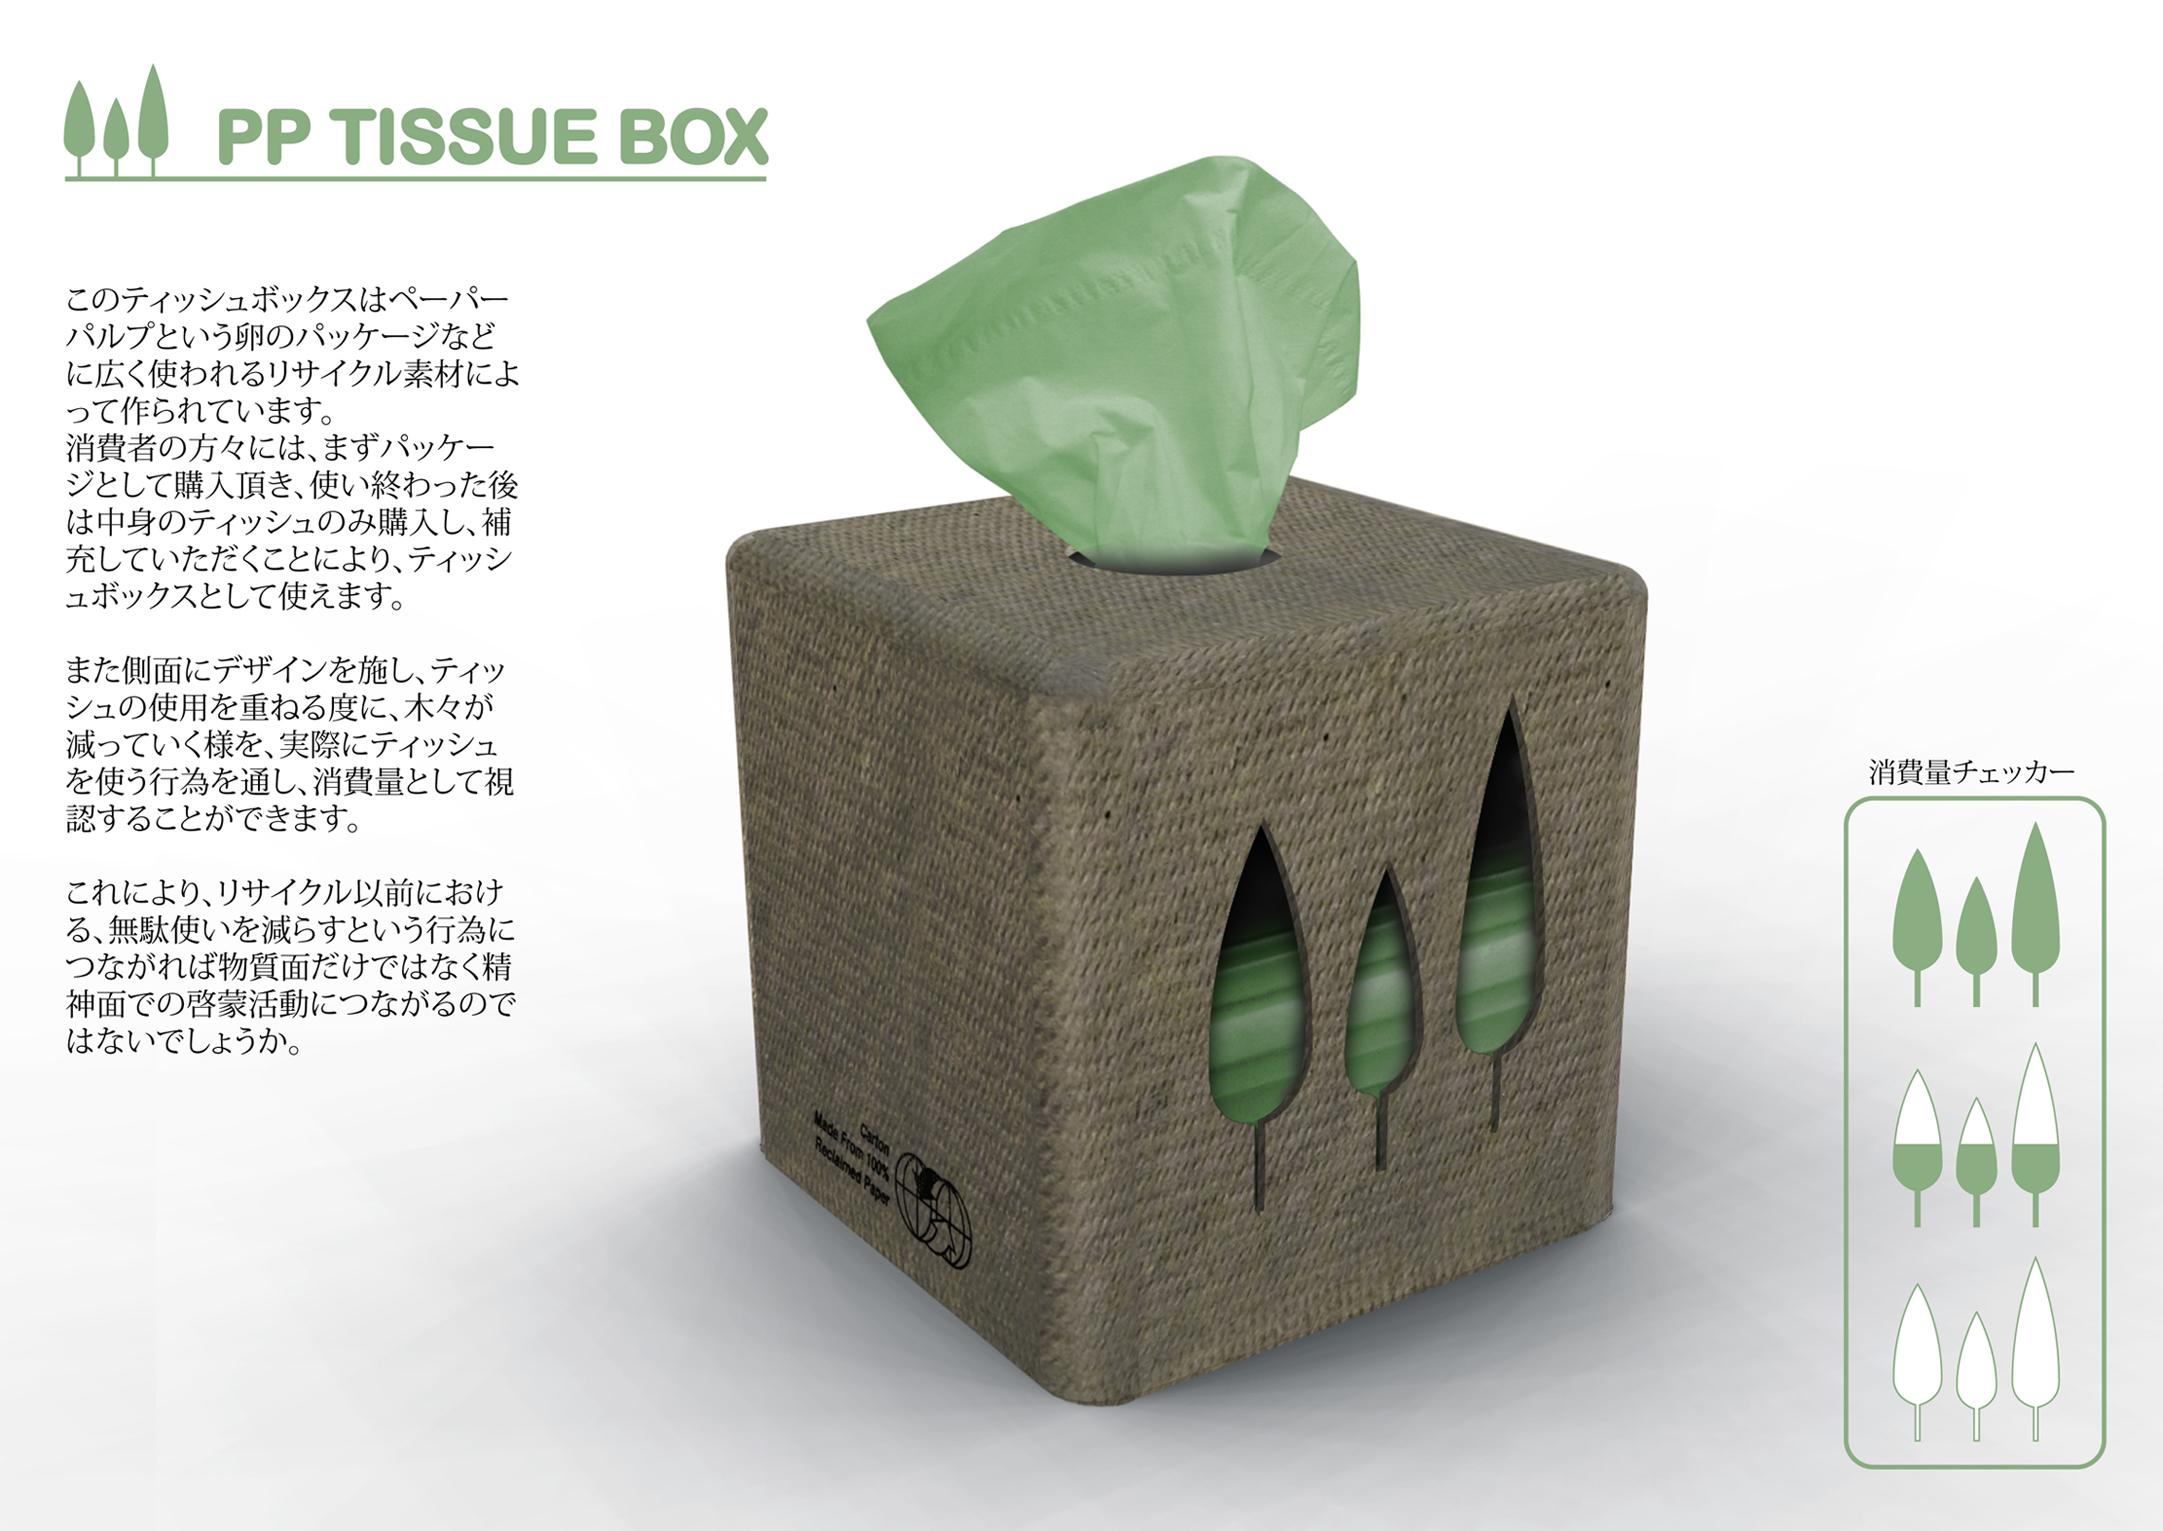 Creative Tissue Box Design   www.pixshark.com - Images ...